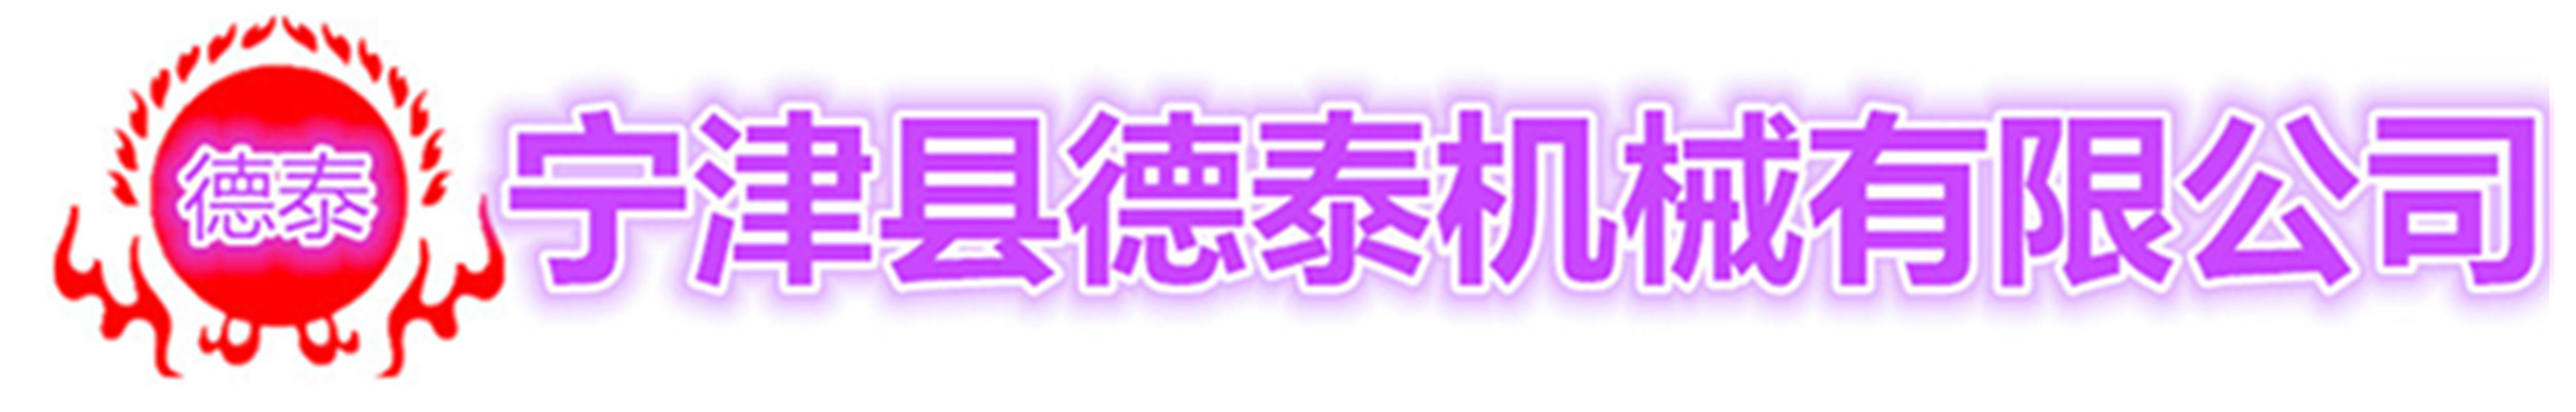 宁津县德泰机械有限公司